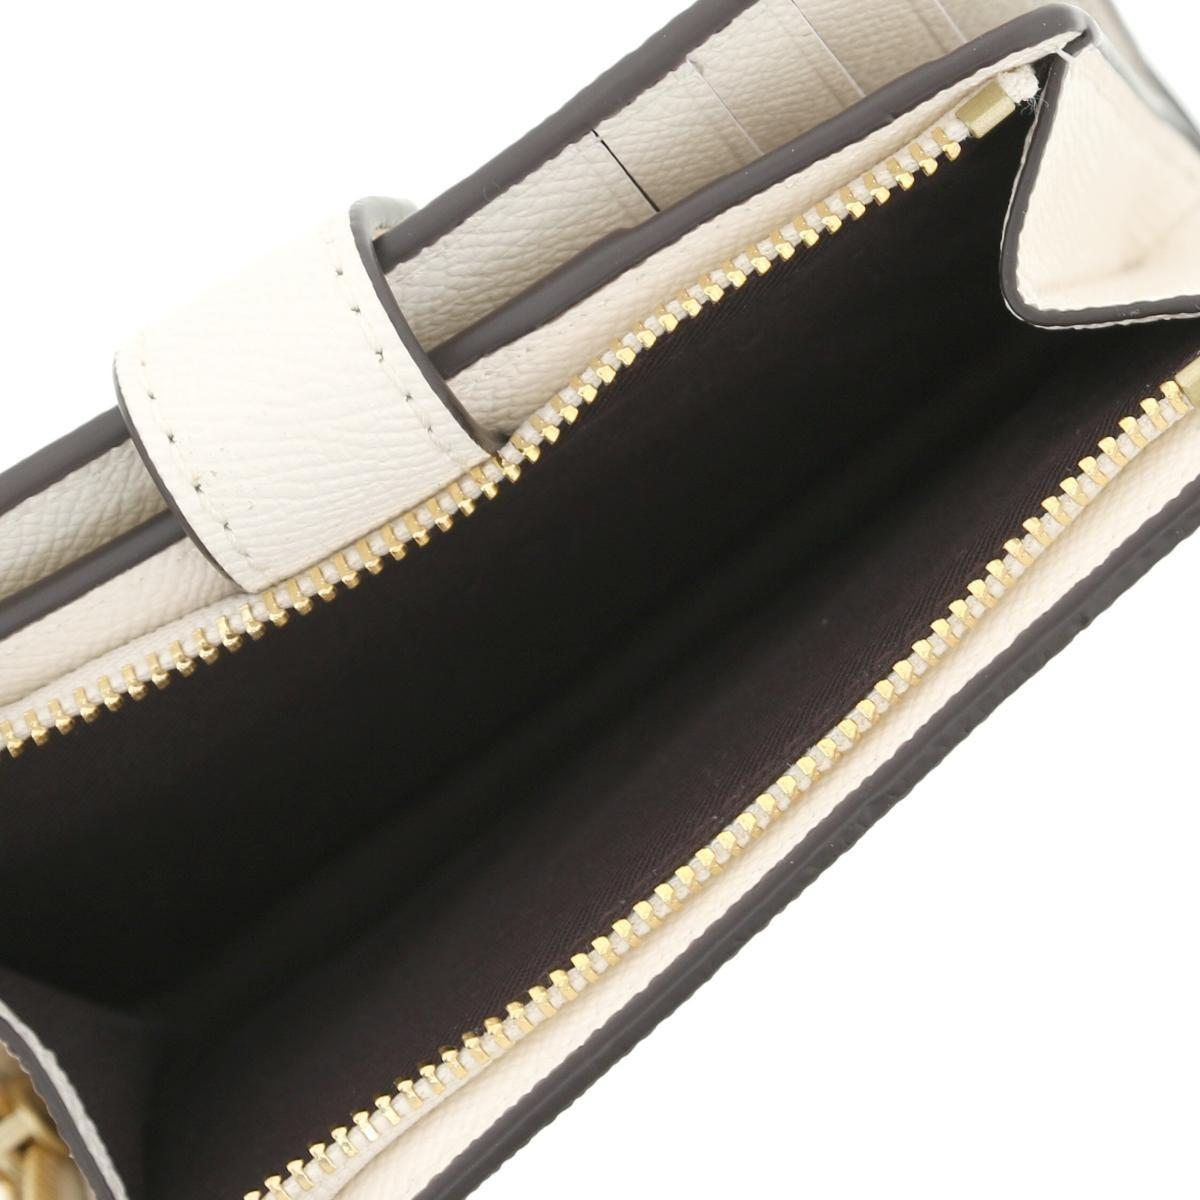 【SALE】【中古】 COACH コーチ L字ファスナー コンパクト財布 財布 二つ折り財布(小銭入有)  IMCHK チョーク ホワイト ミニウォレット  F11484 unused:S